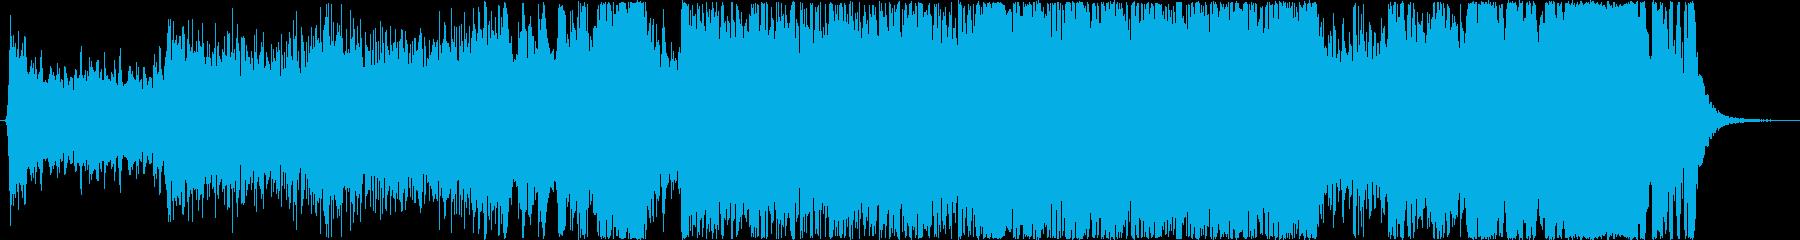 TVドラマメインテーマ曲風・アップテンポの再生済みの波形